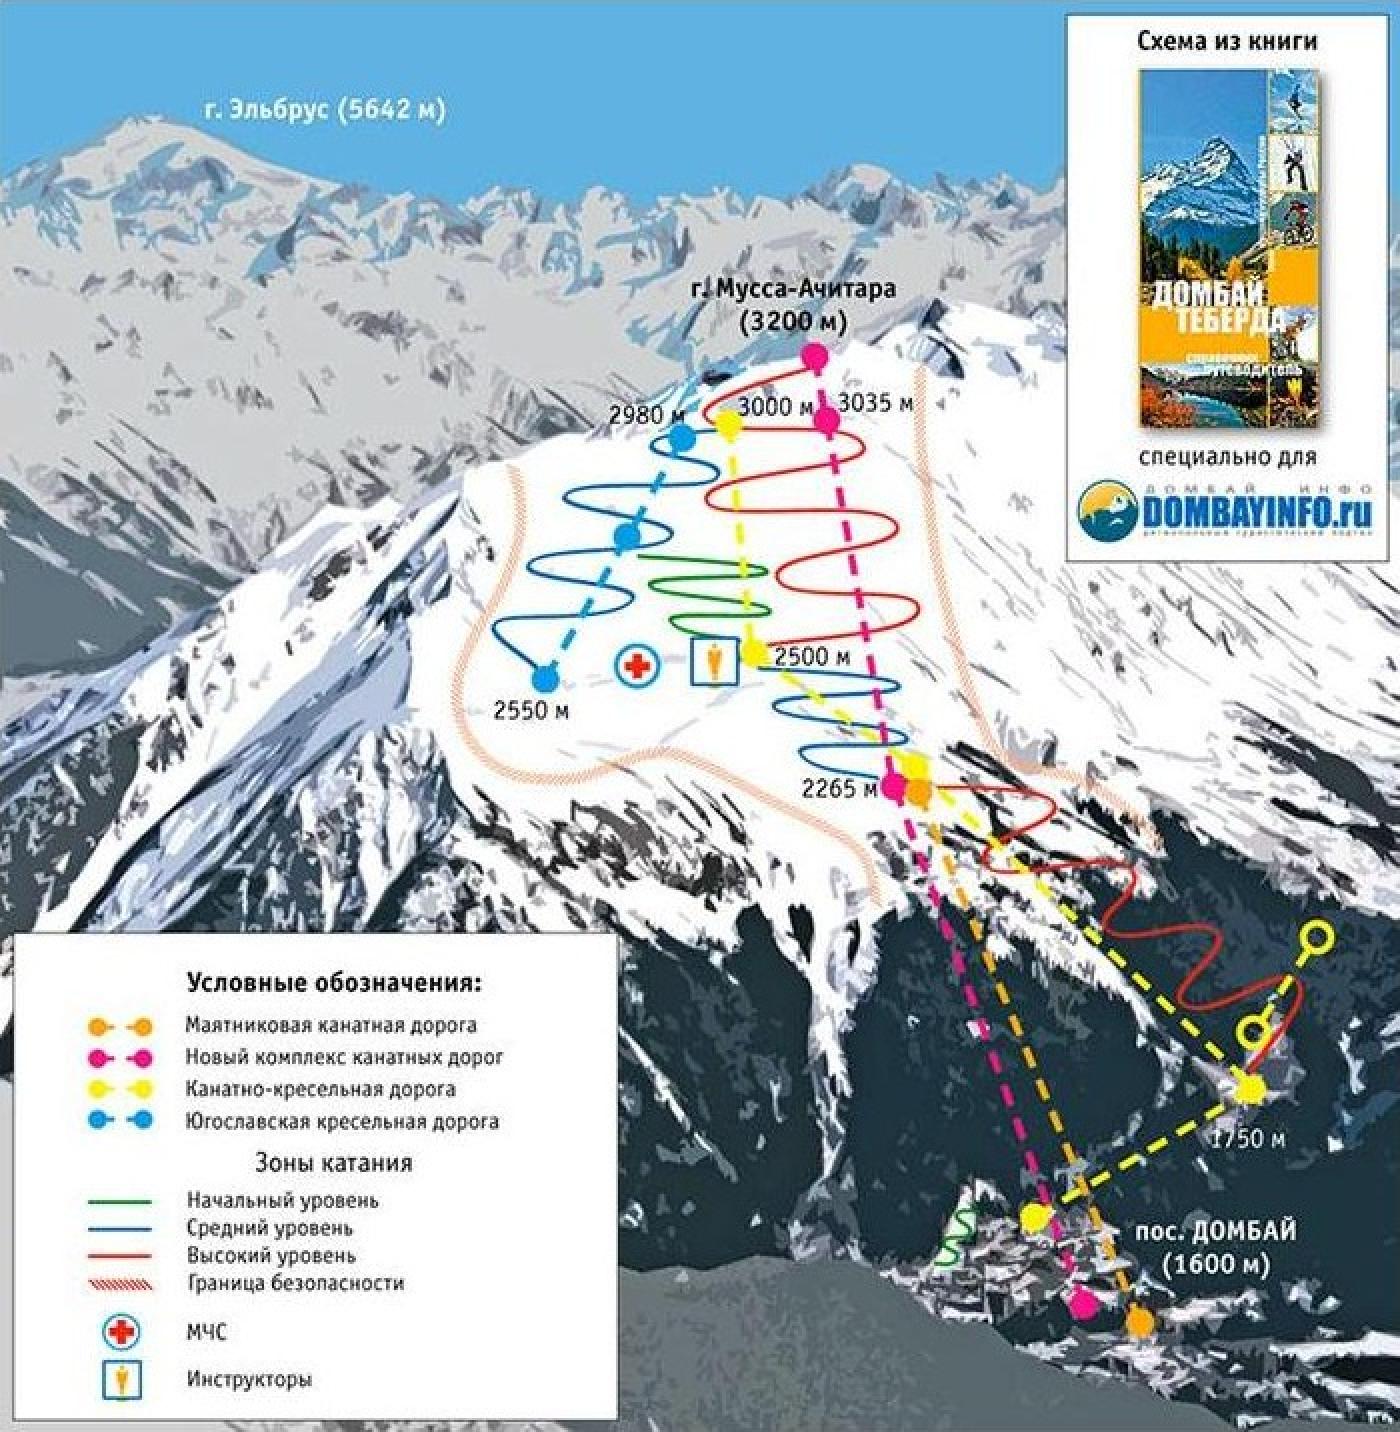 Схема горнолыжных трасс Домбая. Источник: dombaj.ru